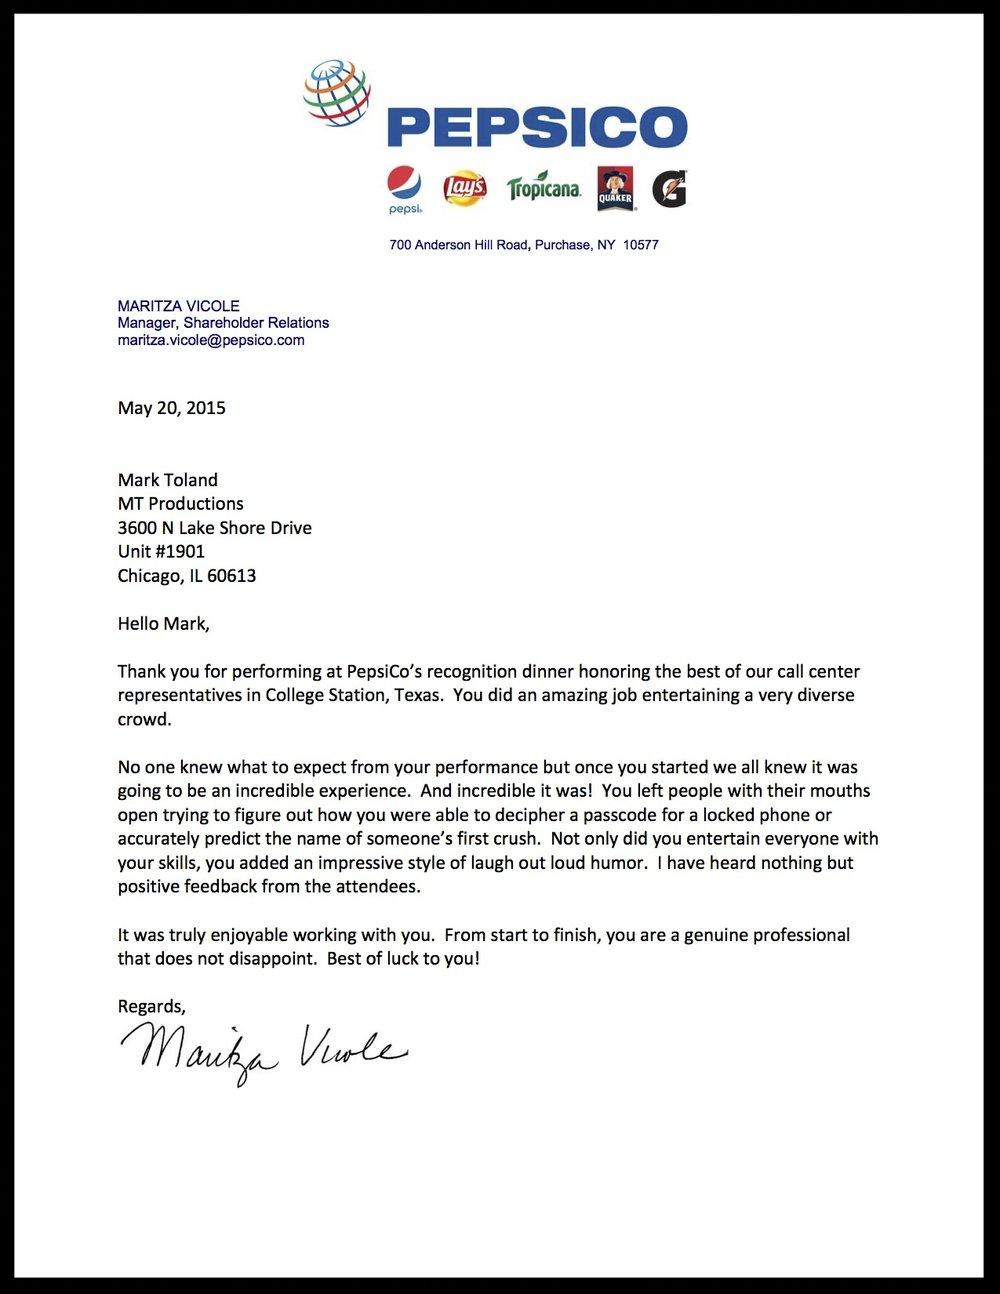 PepsoCo Rec Letter.jpg